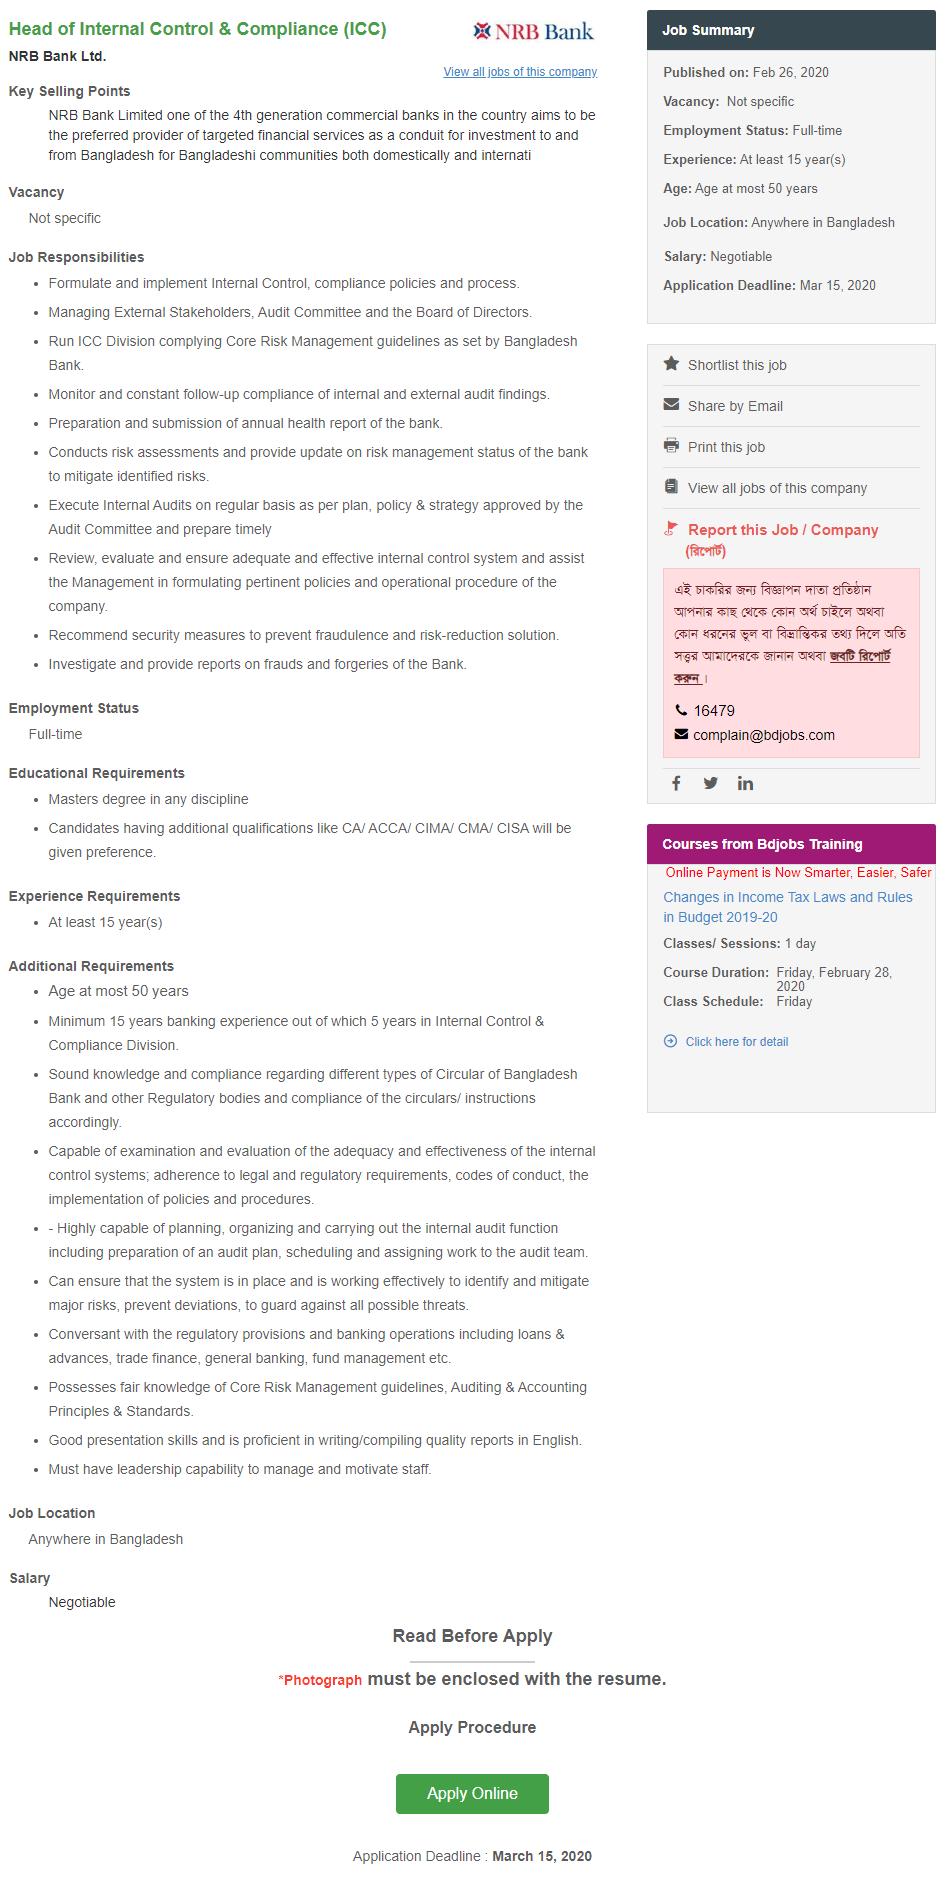 https://i0.wp.com/ejobcircular.files.wordpress.com/2020/02/nrb-bank-2.png?ssl=1